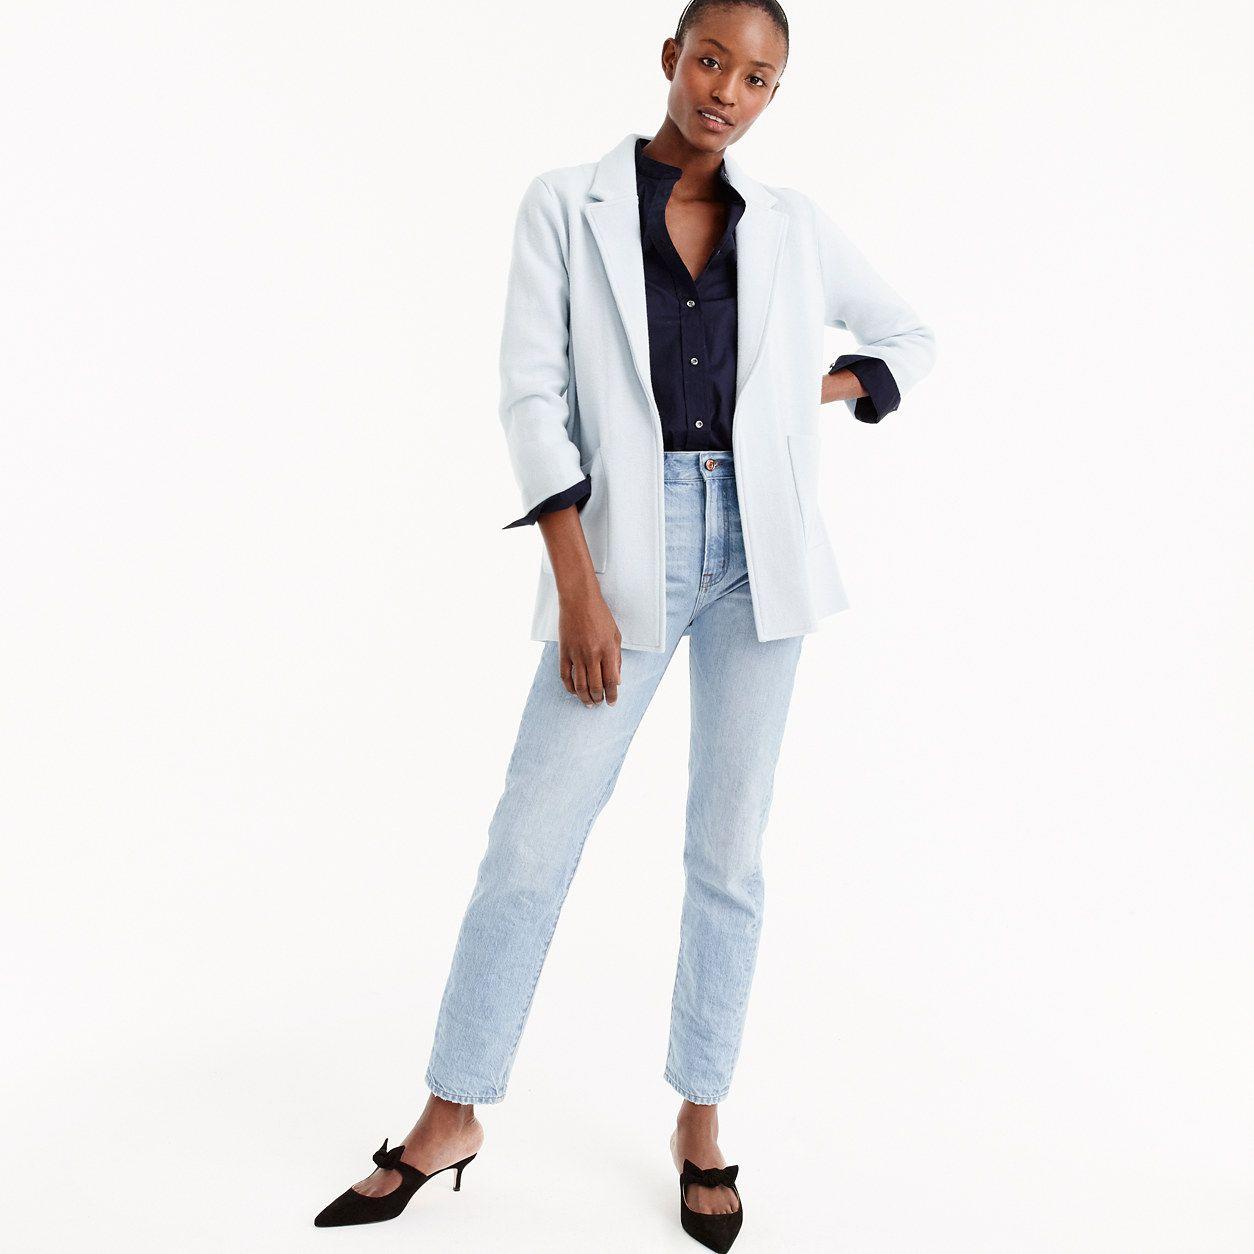 Jcrew Womens New Lightweight Sweater Blazer Size Xxxs Products